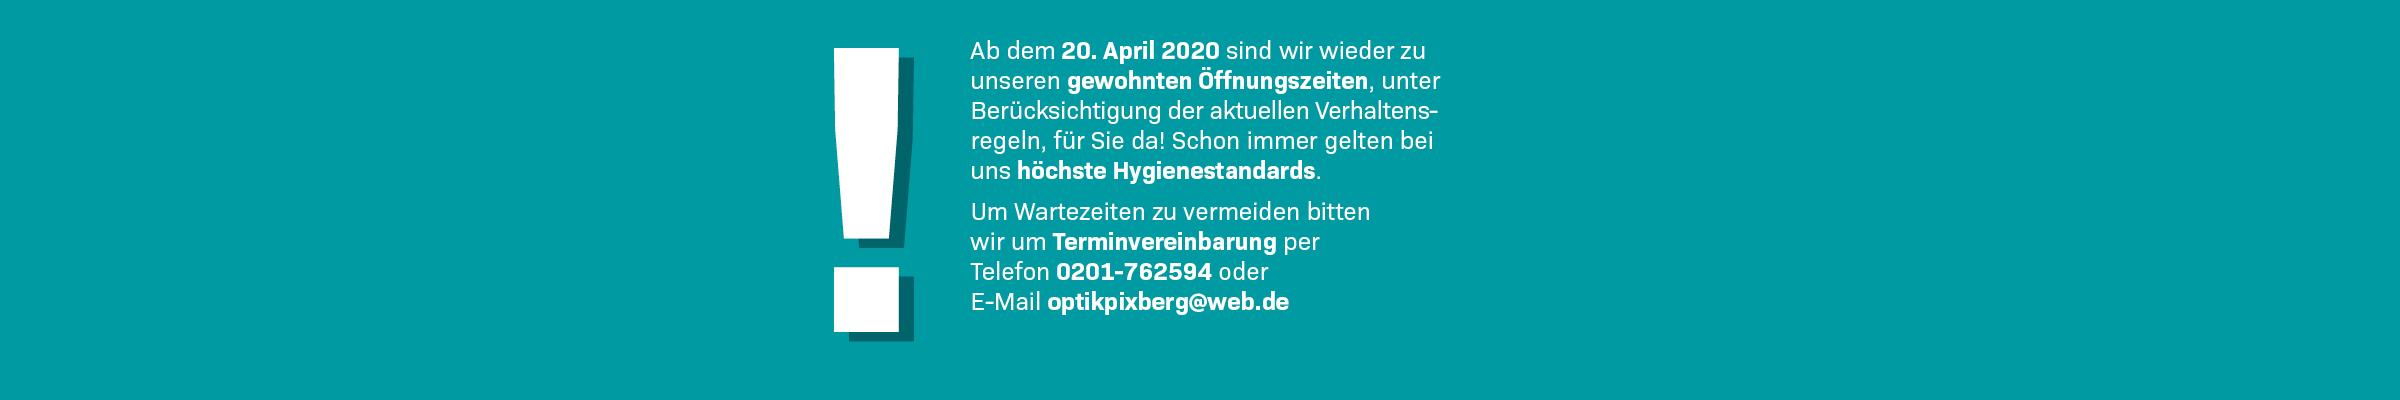 pixberg_hinweis.jpg